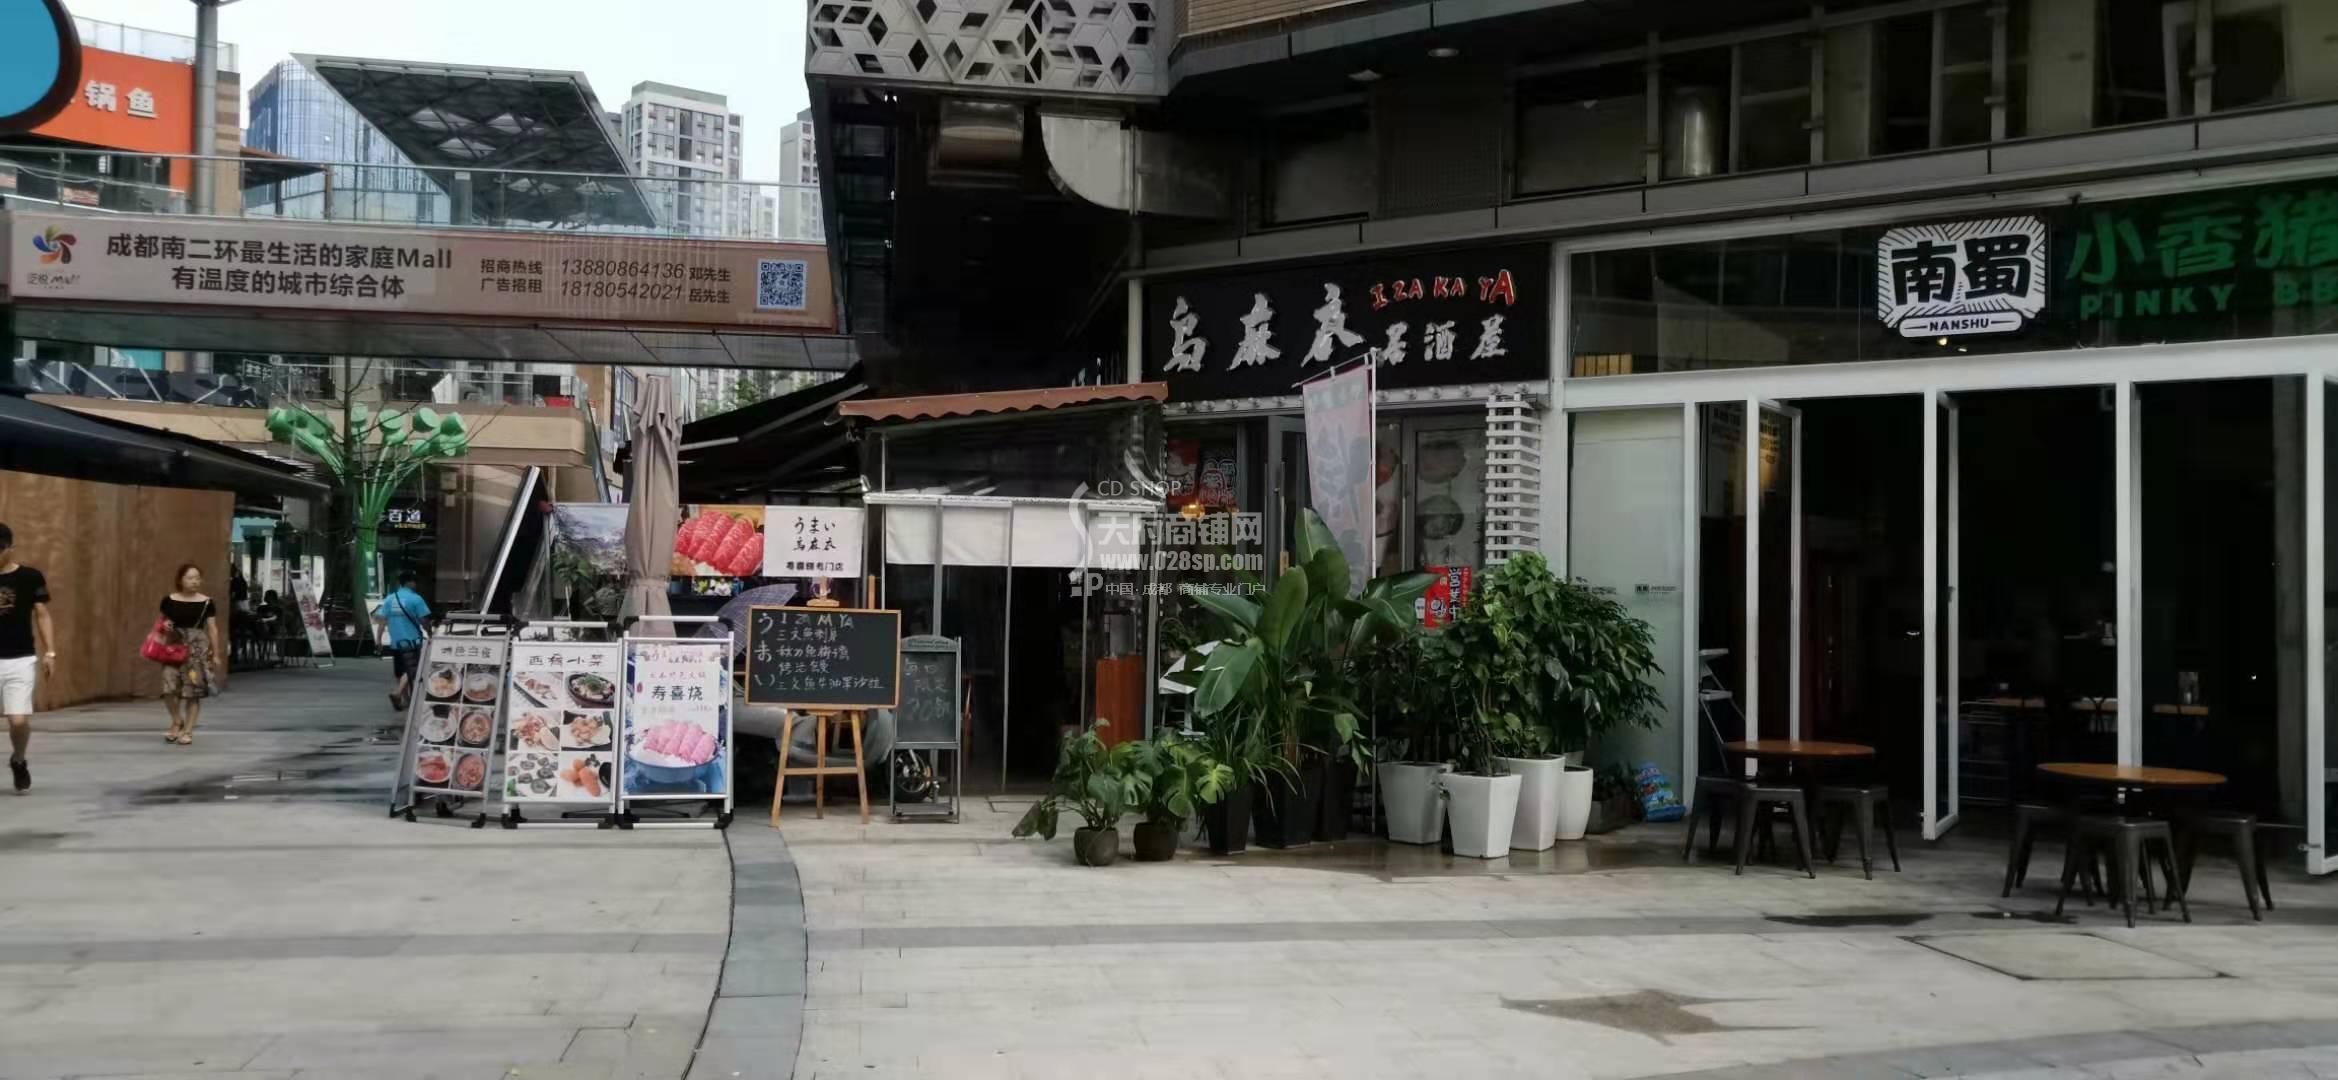 南二环网红商街入口处黄金口岸铺